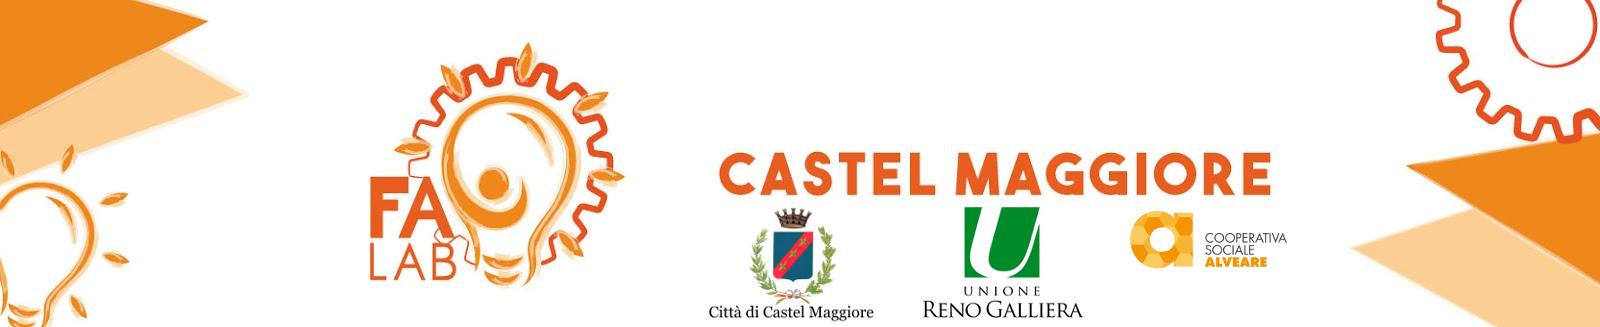 Fa-Lab Castel Maggiore